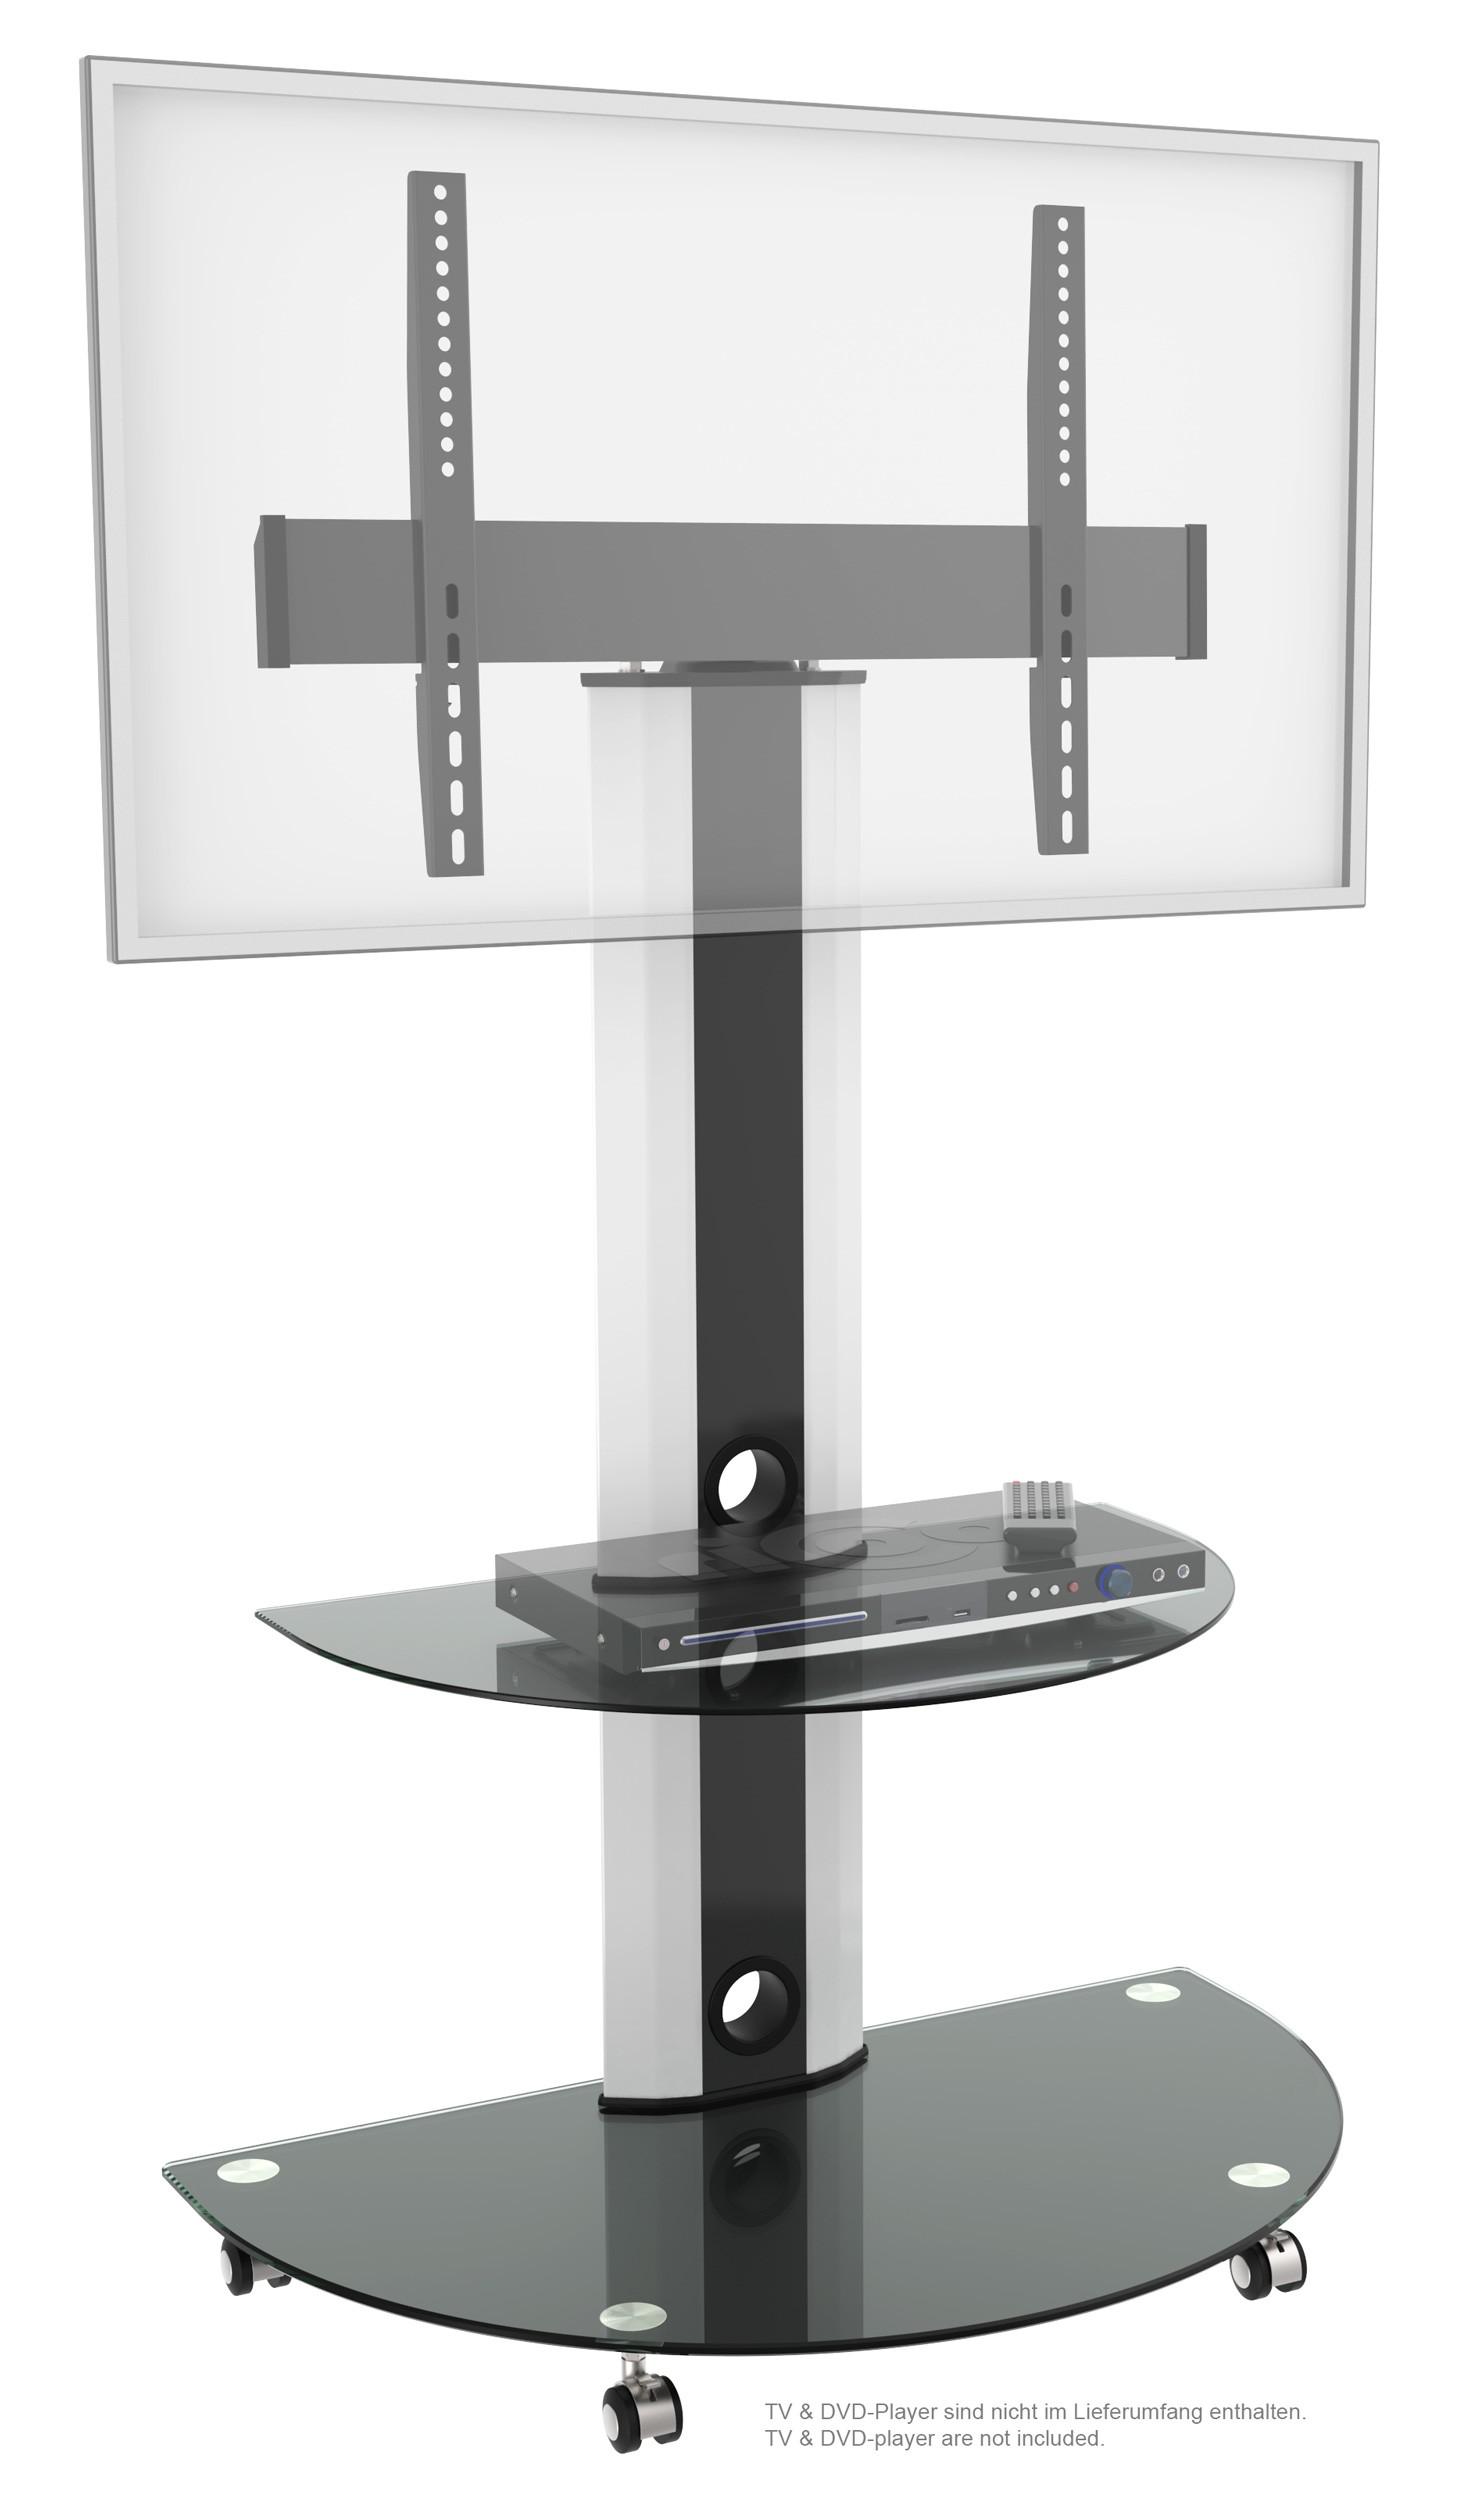 TV Stand modern und schwenkbar mit Glas-Ablagen FS0502 11185